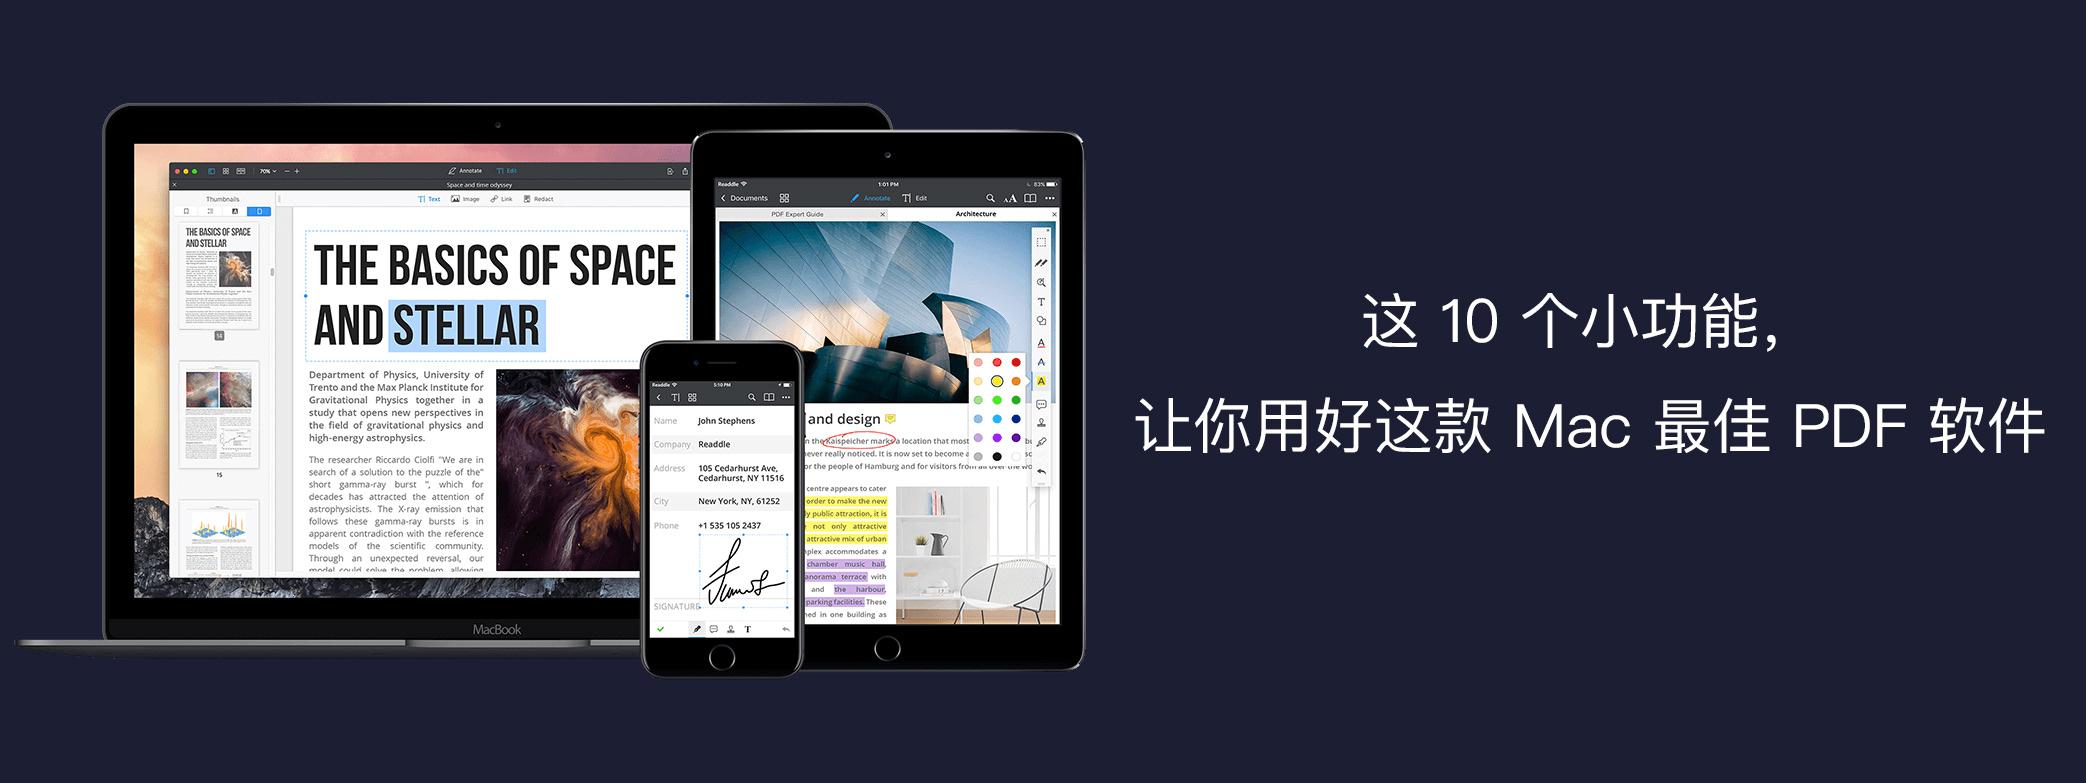 这 10 个小功能,让你用好这款 Mac 最佳 PDF 软件